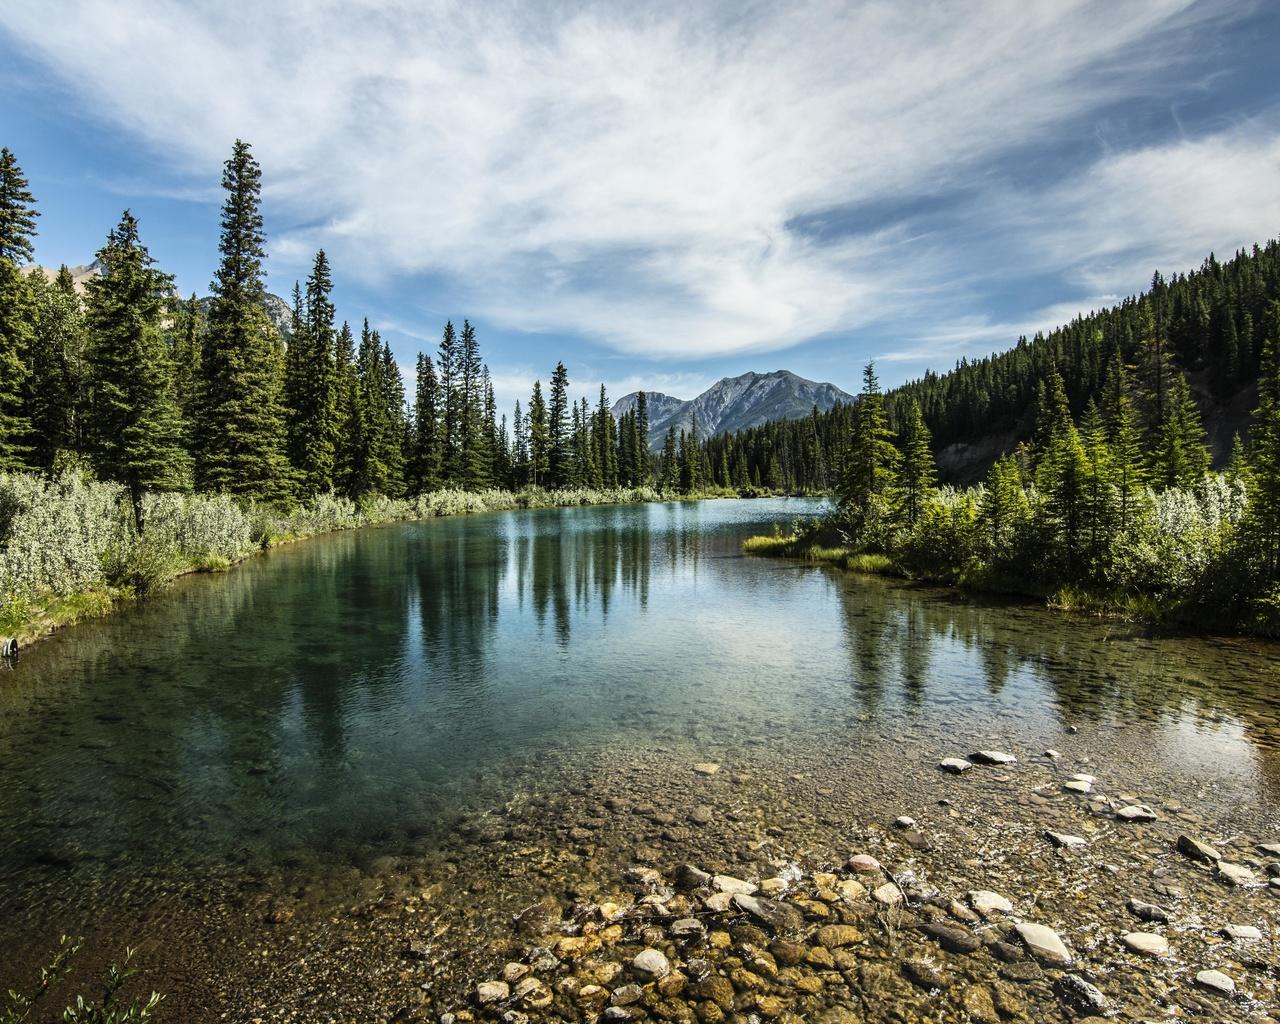 горы, озеро, лес, деревья, камни